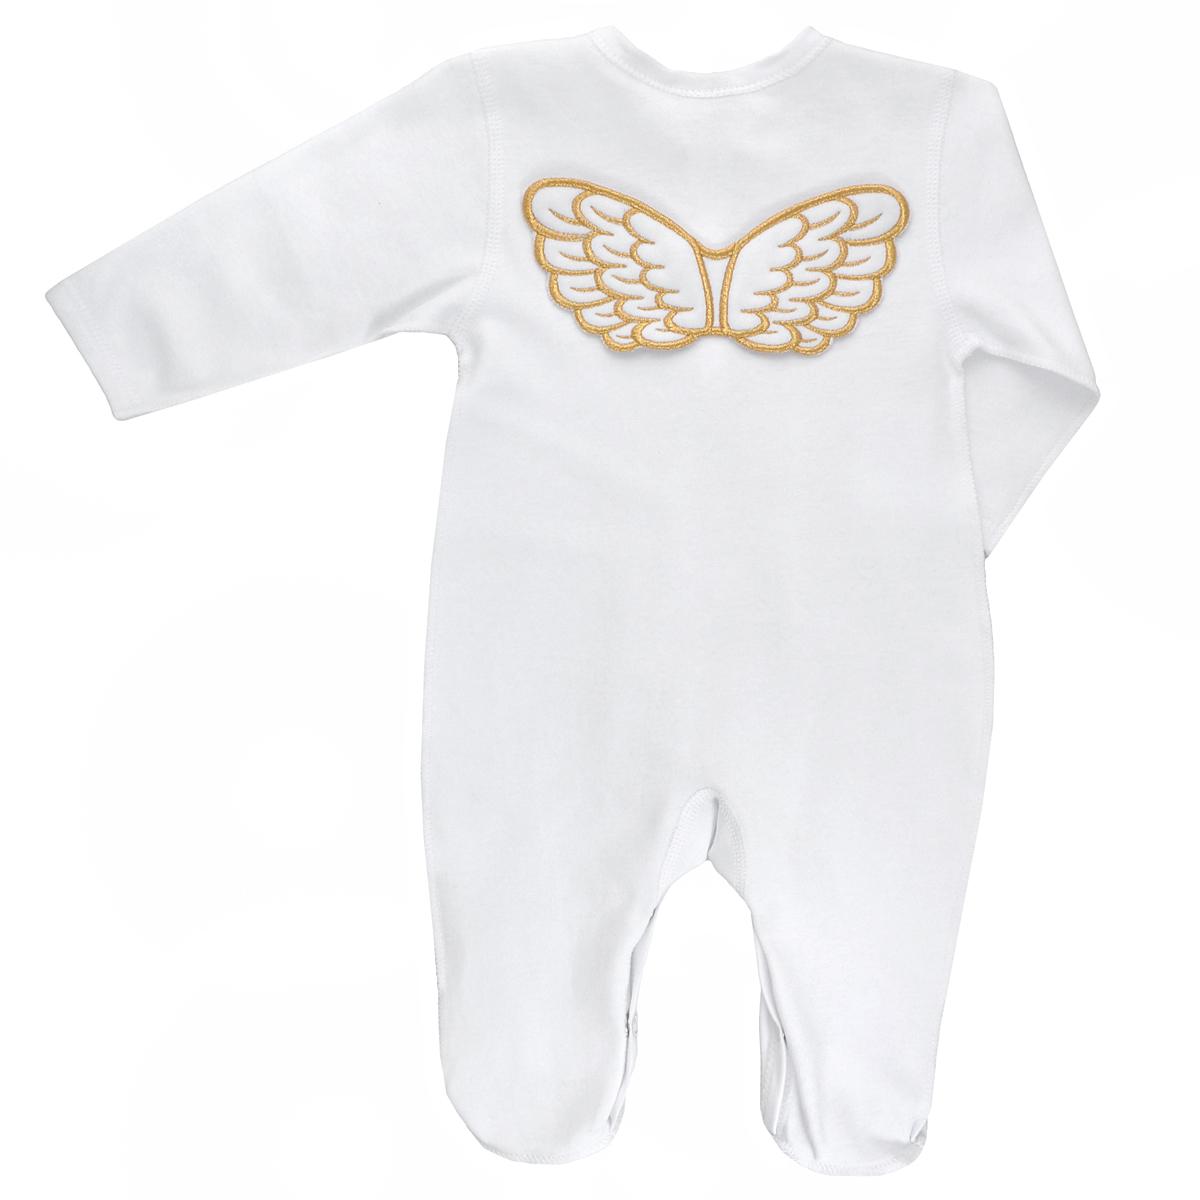 Комбинезон детский Lucky Child Ангелы, цвет: белый. 17-1. Размер 62/6817-1Детский комбинезон Lucky Child Ангелы - очень удобный и практичный вид одежды для малышей. Комбинезон выполнен из интерлока - натурального хлопка, благодаря чему он необычайно мягкий и приятный на ощупь, не раздражает нежную кожу ребенка и хорошо вентилируется, а эластичные швы приятны телу малыша и не препятствуют его движениям. Комбинезон с длинными рукавами и закрытыми ножками, выполненный швами наружу, имеет застежки-кнопки от горловины до щиколоток, которые помогают легко переодеть младенца или сменить подгузник.Комбинезон на груди оформлен надписью в виде логотипа бренда и изображением крылышек, а на спинке дополнен текстильными крылышками, вышитыми металлизированной нитью. С детским комбинезоном Lucky Child спинка и ножки вашего малыша всегда будут в тепле, он идеален для использования днем и незаменим ночью. Комбинезон полностью соответствует особенностям жизни младенца в ранний период, не стесняя и не ограничивая его в движениях!